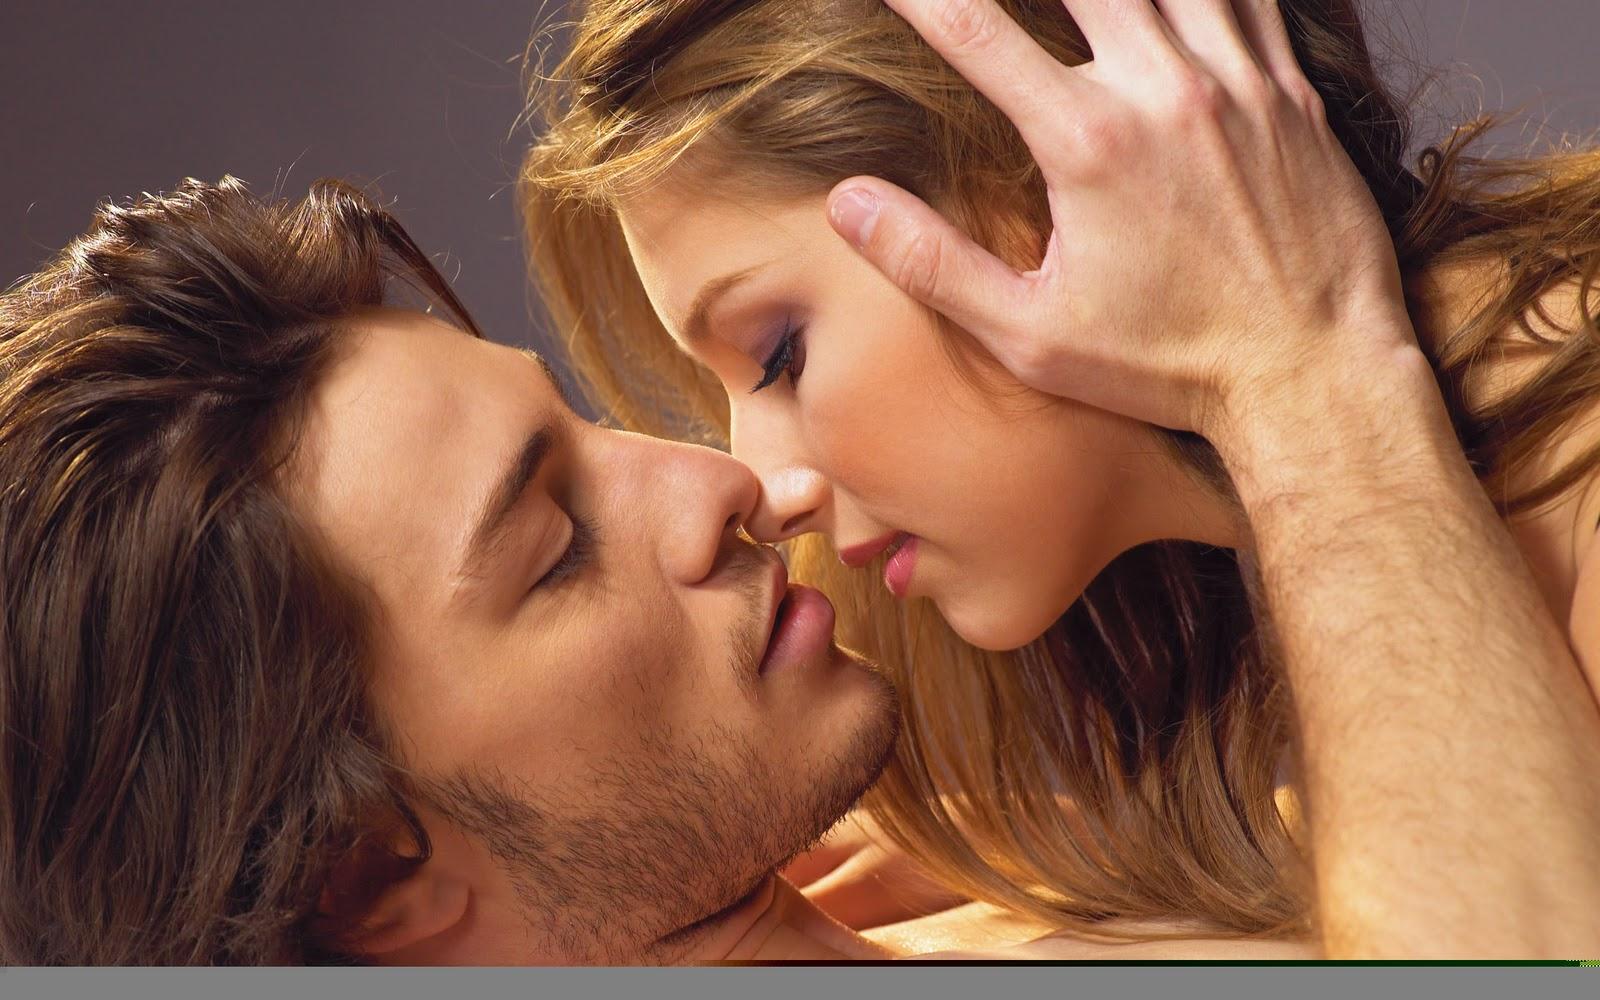 http://3.bp.blogspot.com/-Q9X3GDdv480/Twf7b8Pz_CI/AAAAAAAACug/h0__e-oUQmI/s1600/Couples_40.jpg